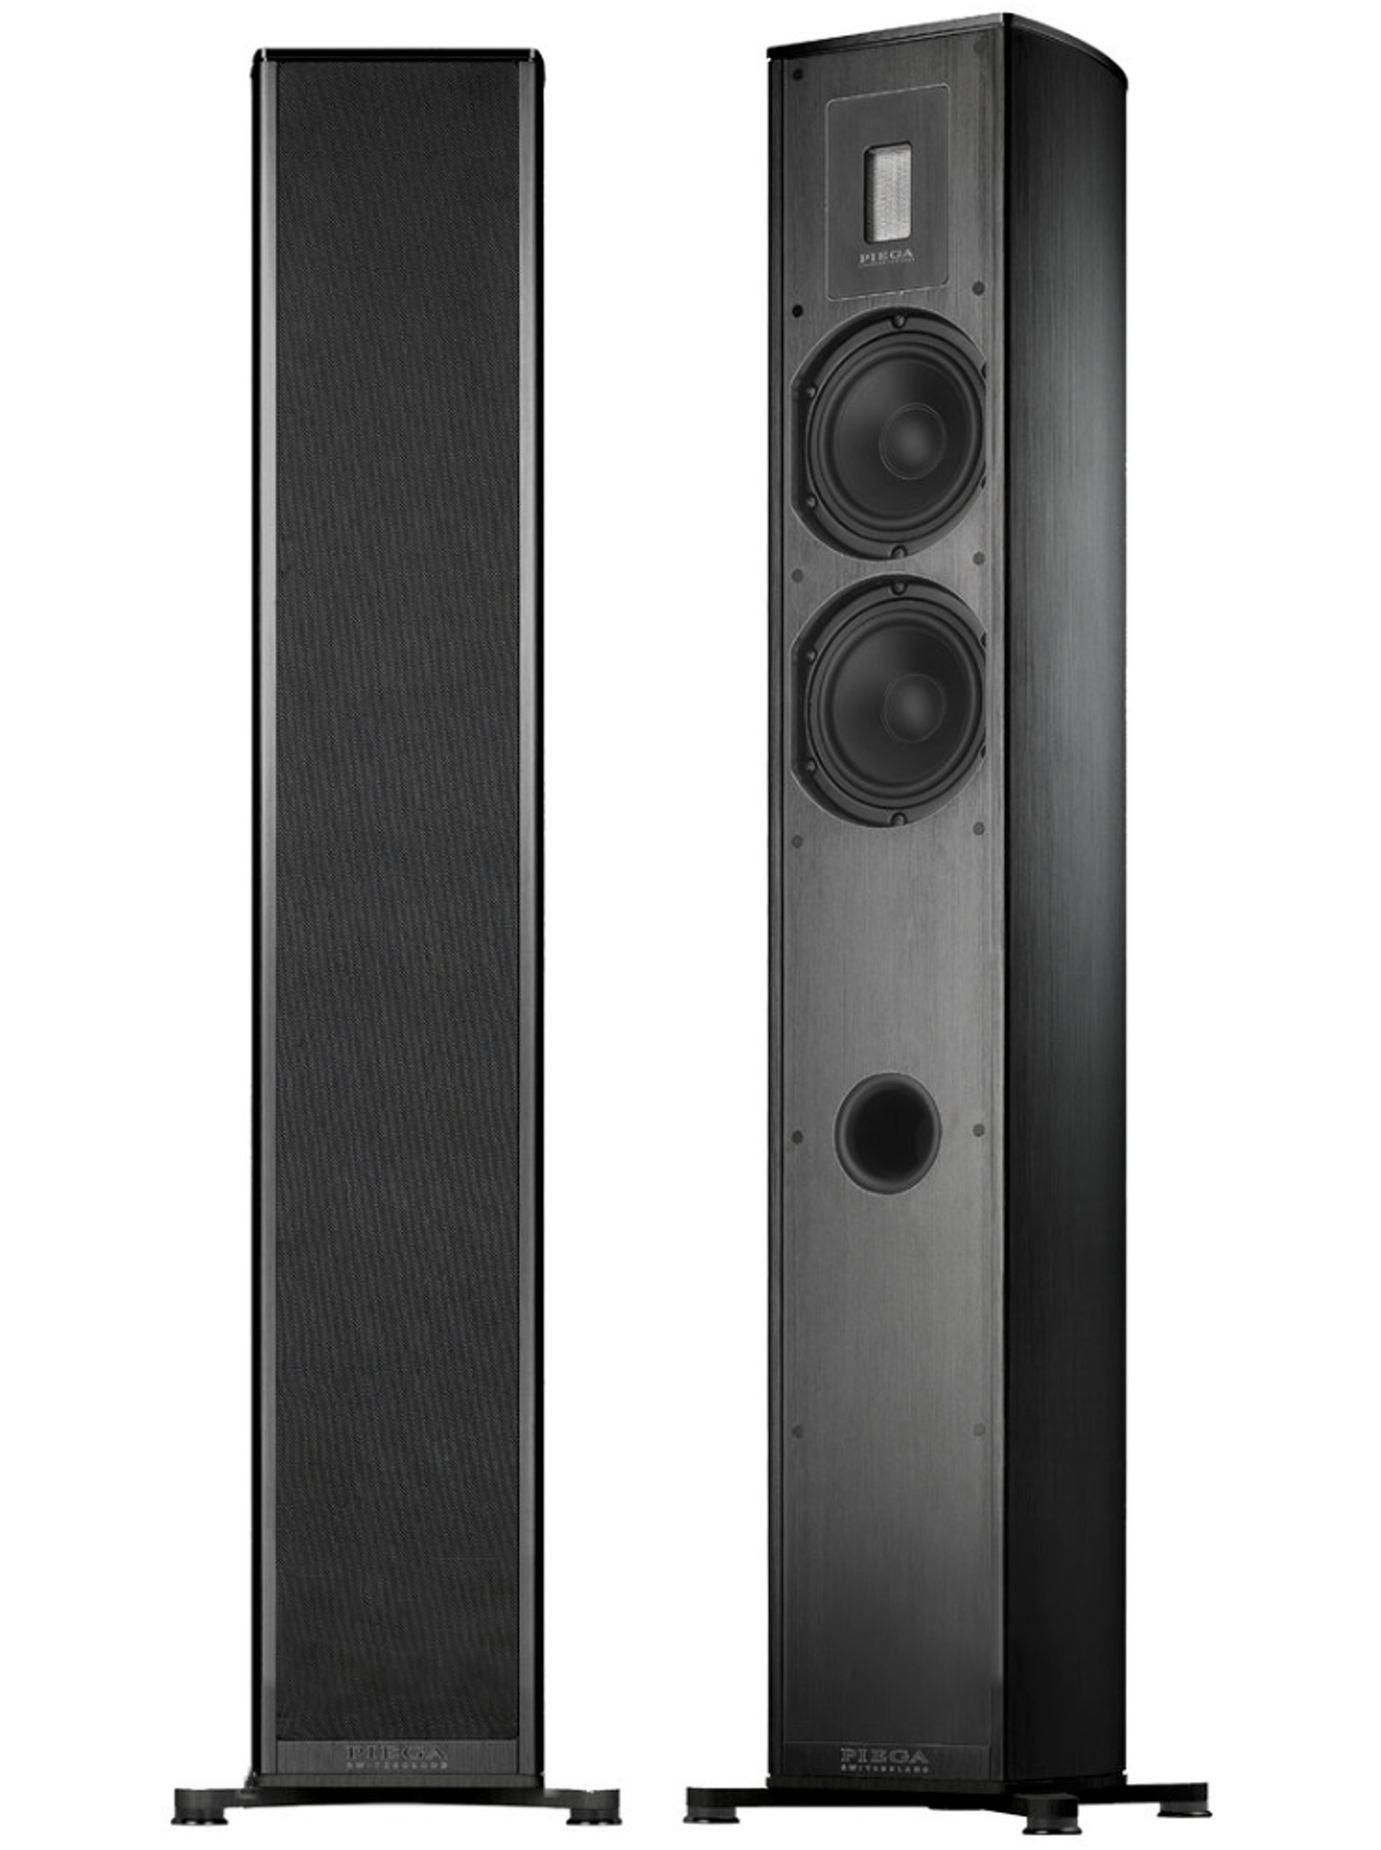 Piega Premium 701 Stand-Lautsprecher schwarz, Stoff schwarz